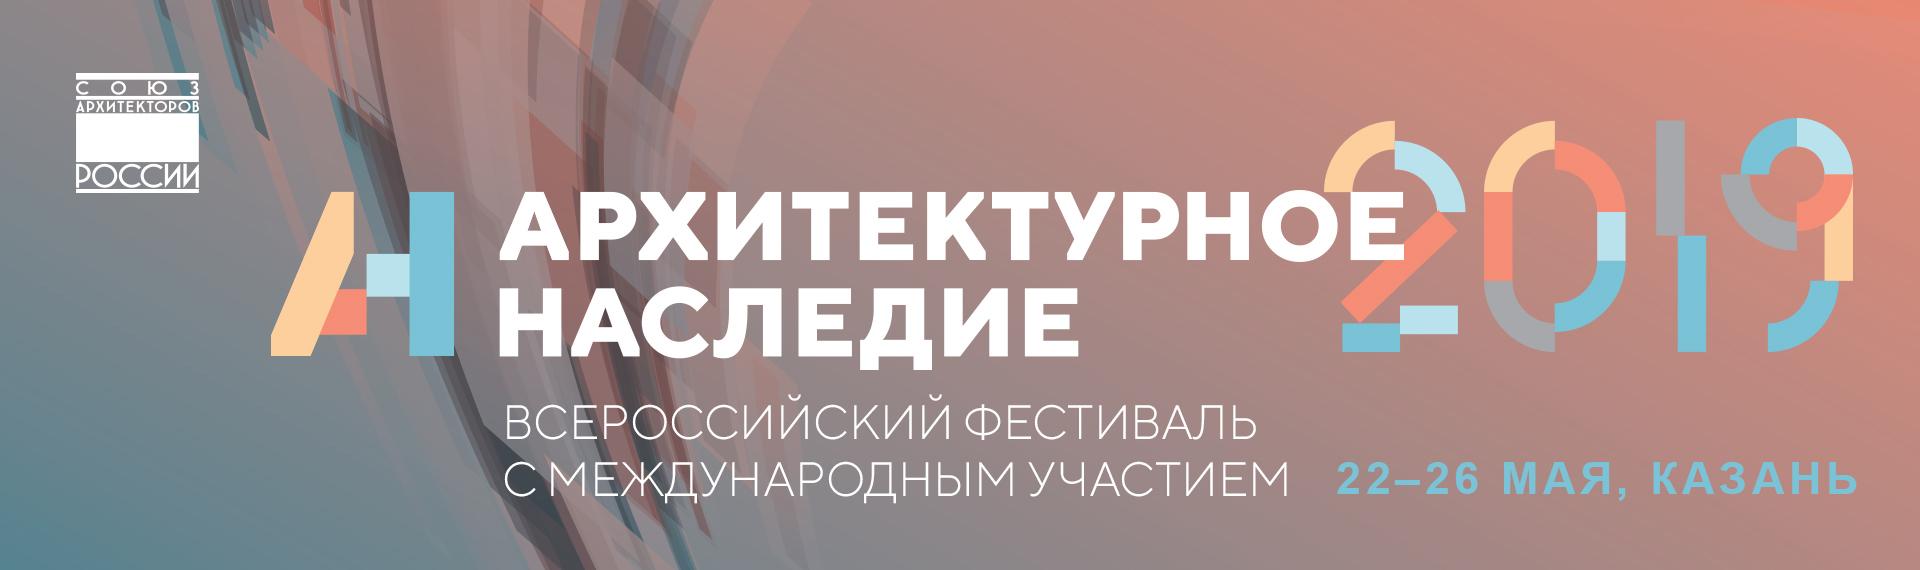 Всероссийский фестиваль с международным участием  «Архитектурное наследие» 2019